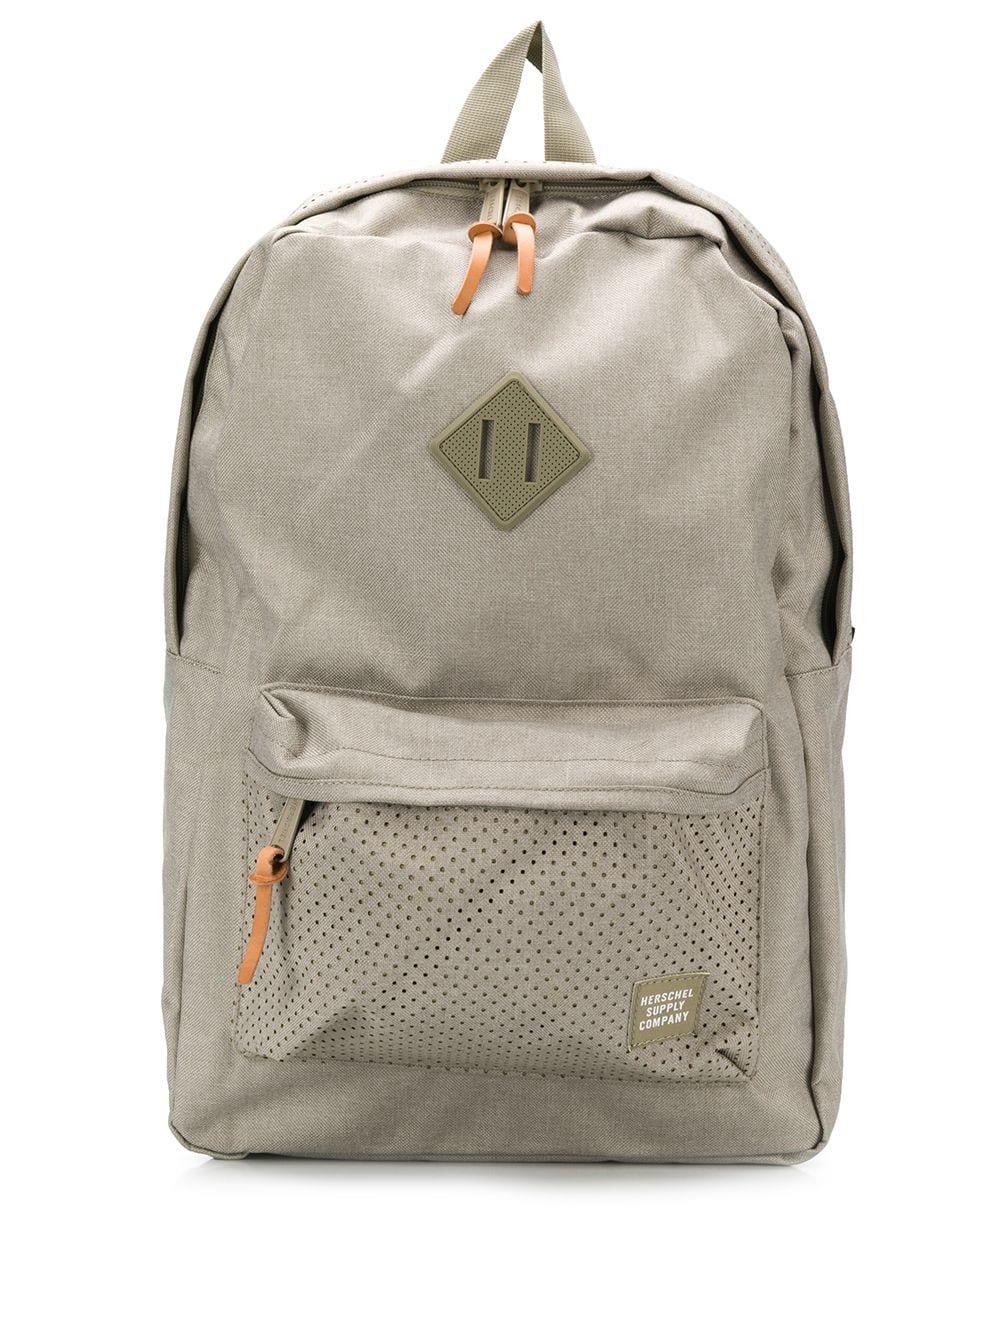 de7ecaefad1 Herschel Supply Co. Heritage Backpack - Neutrals